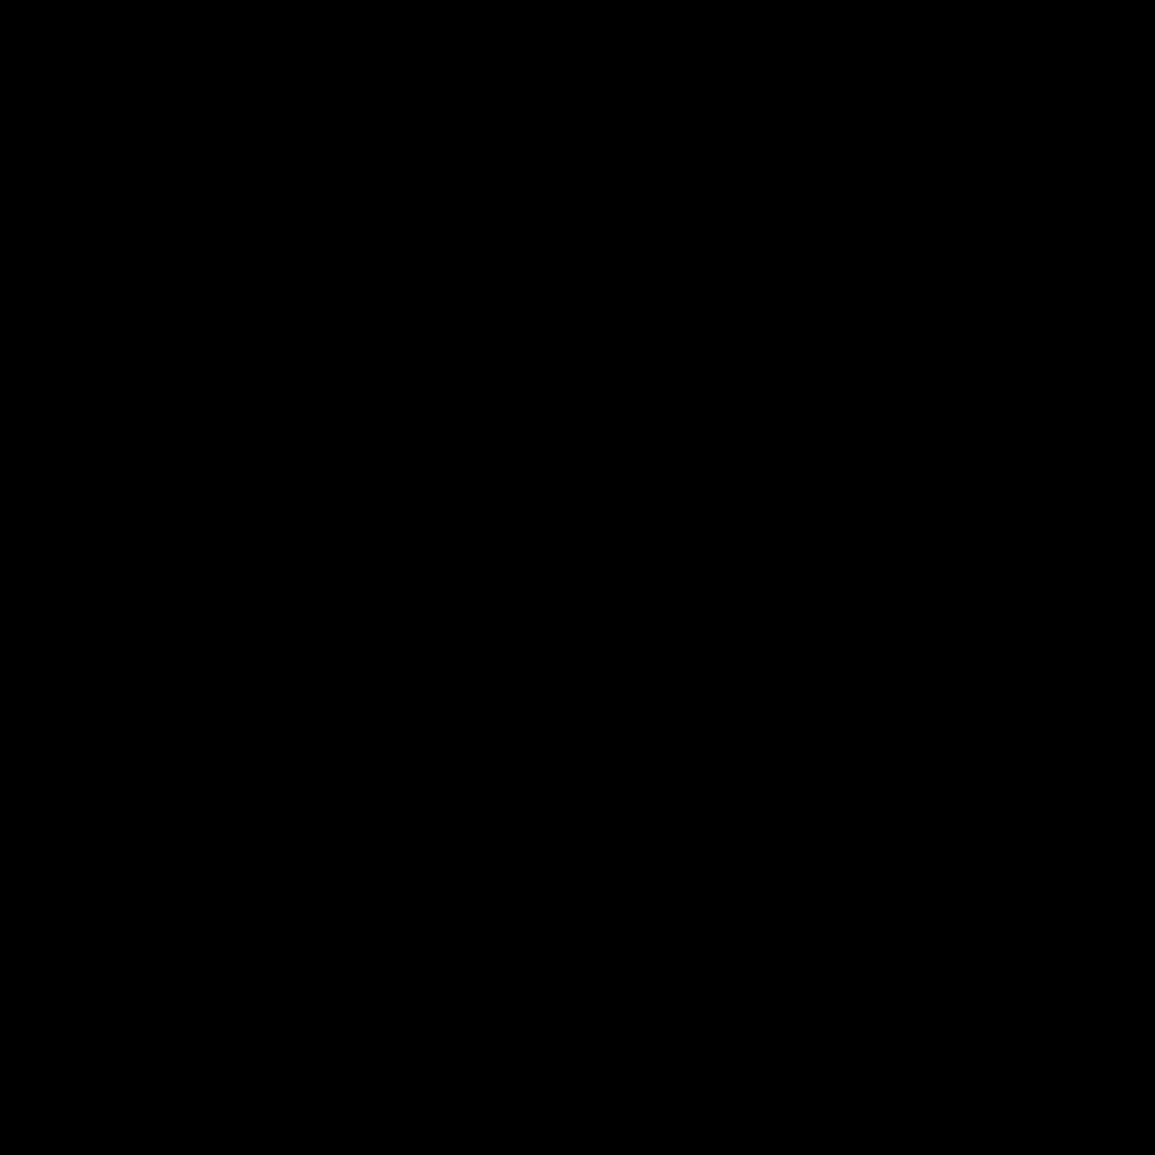 ゴーシャ M MSG 字形見本